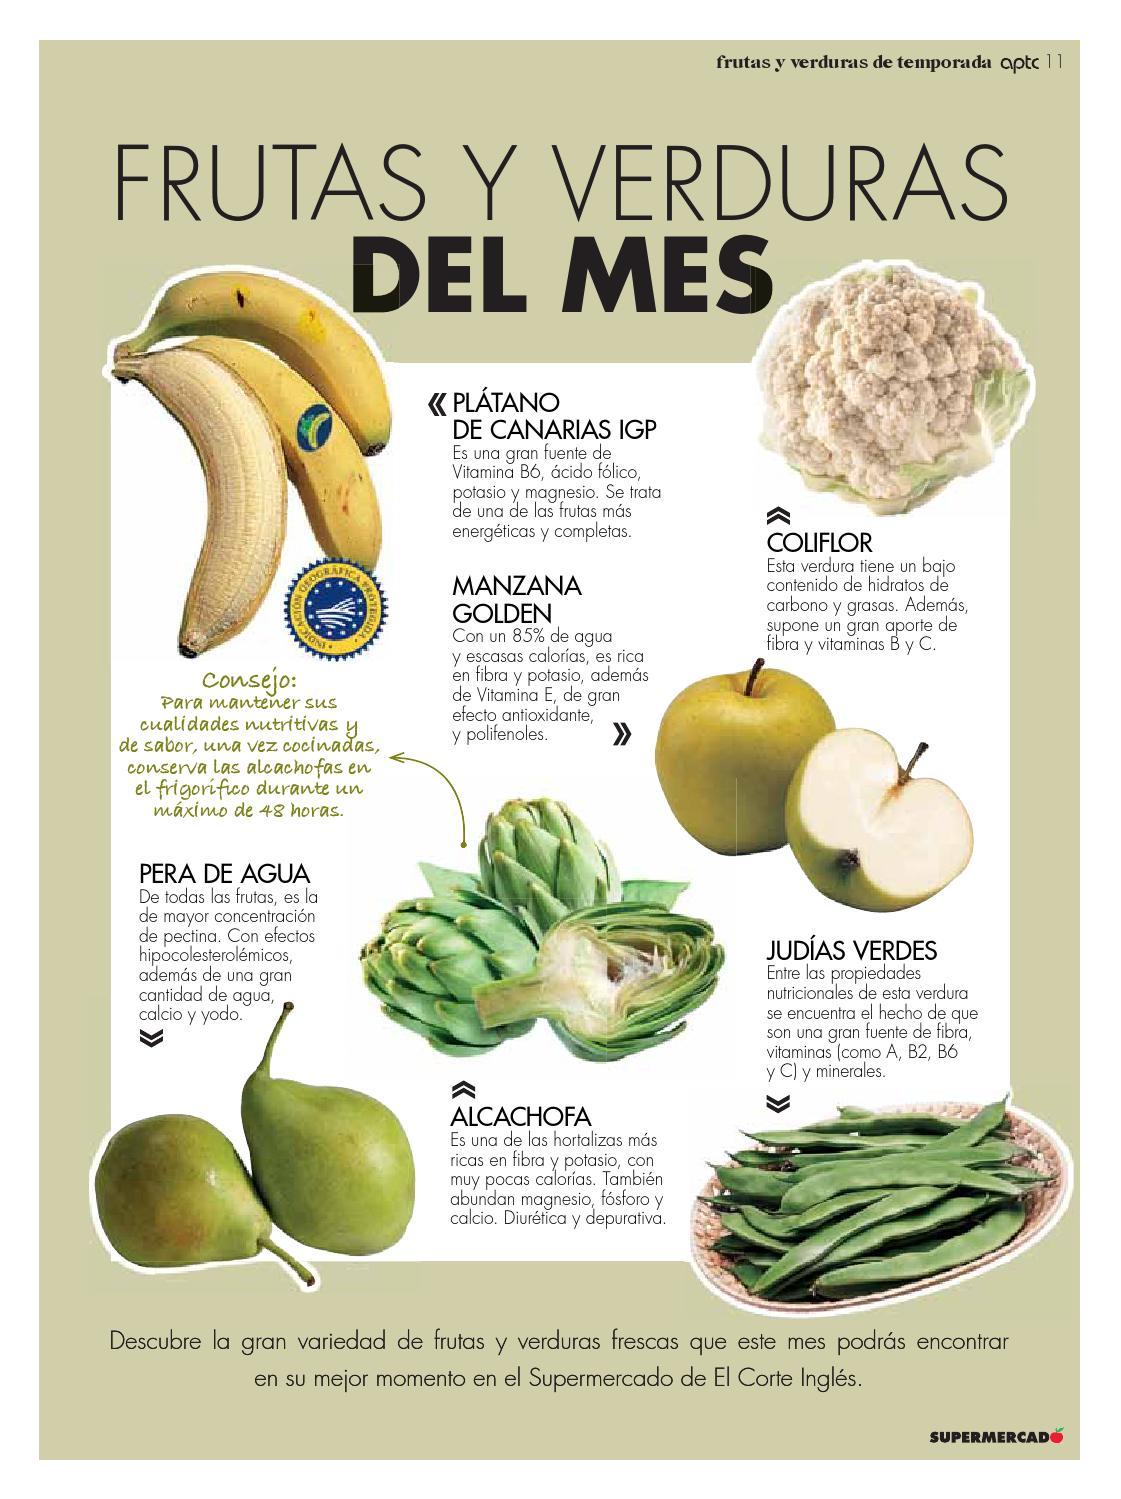 Fruta o verdura que tenga vitamina e